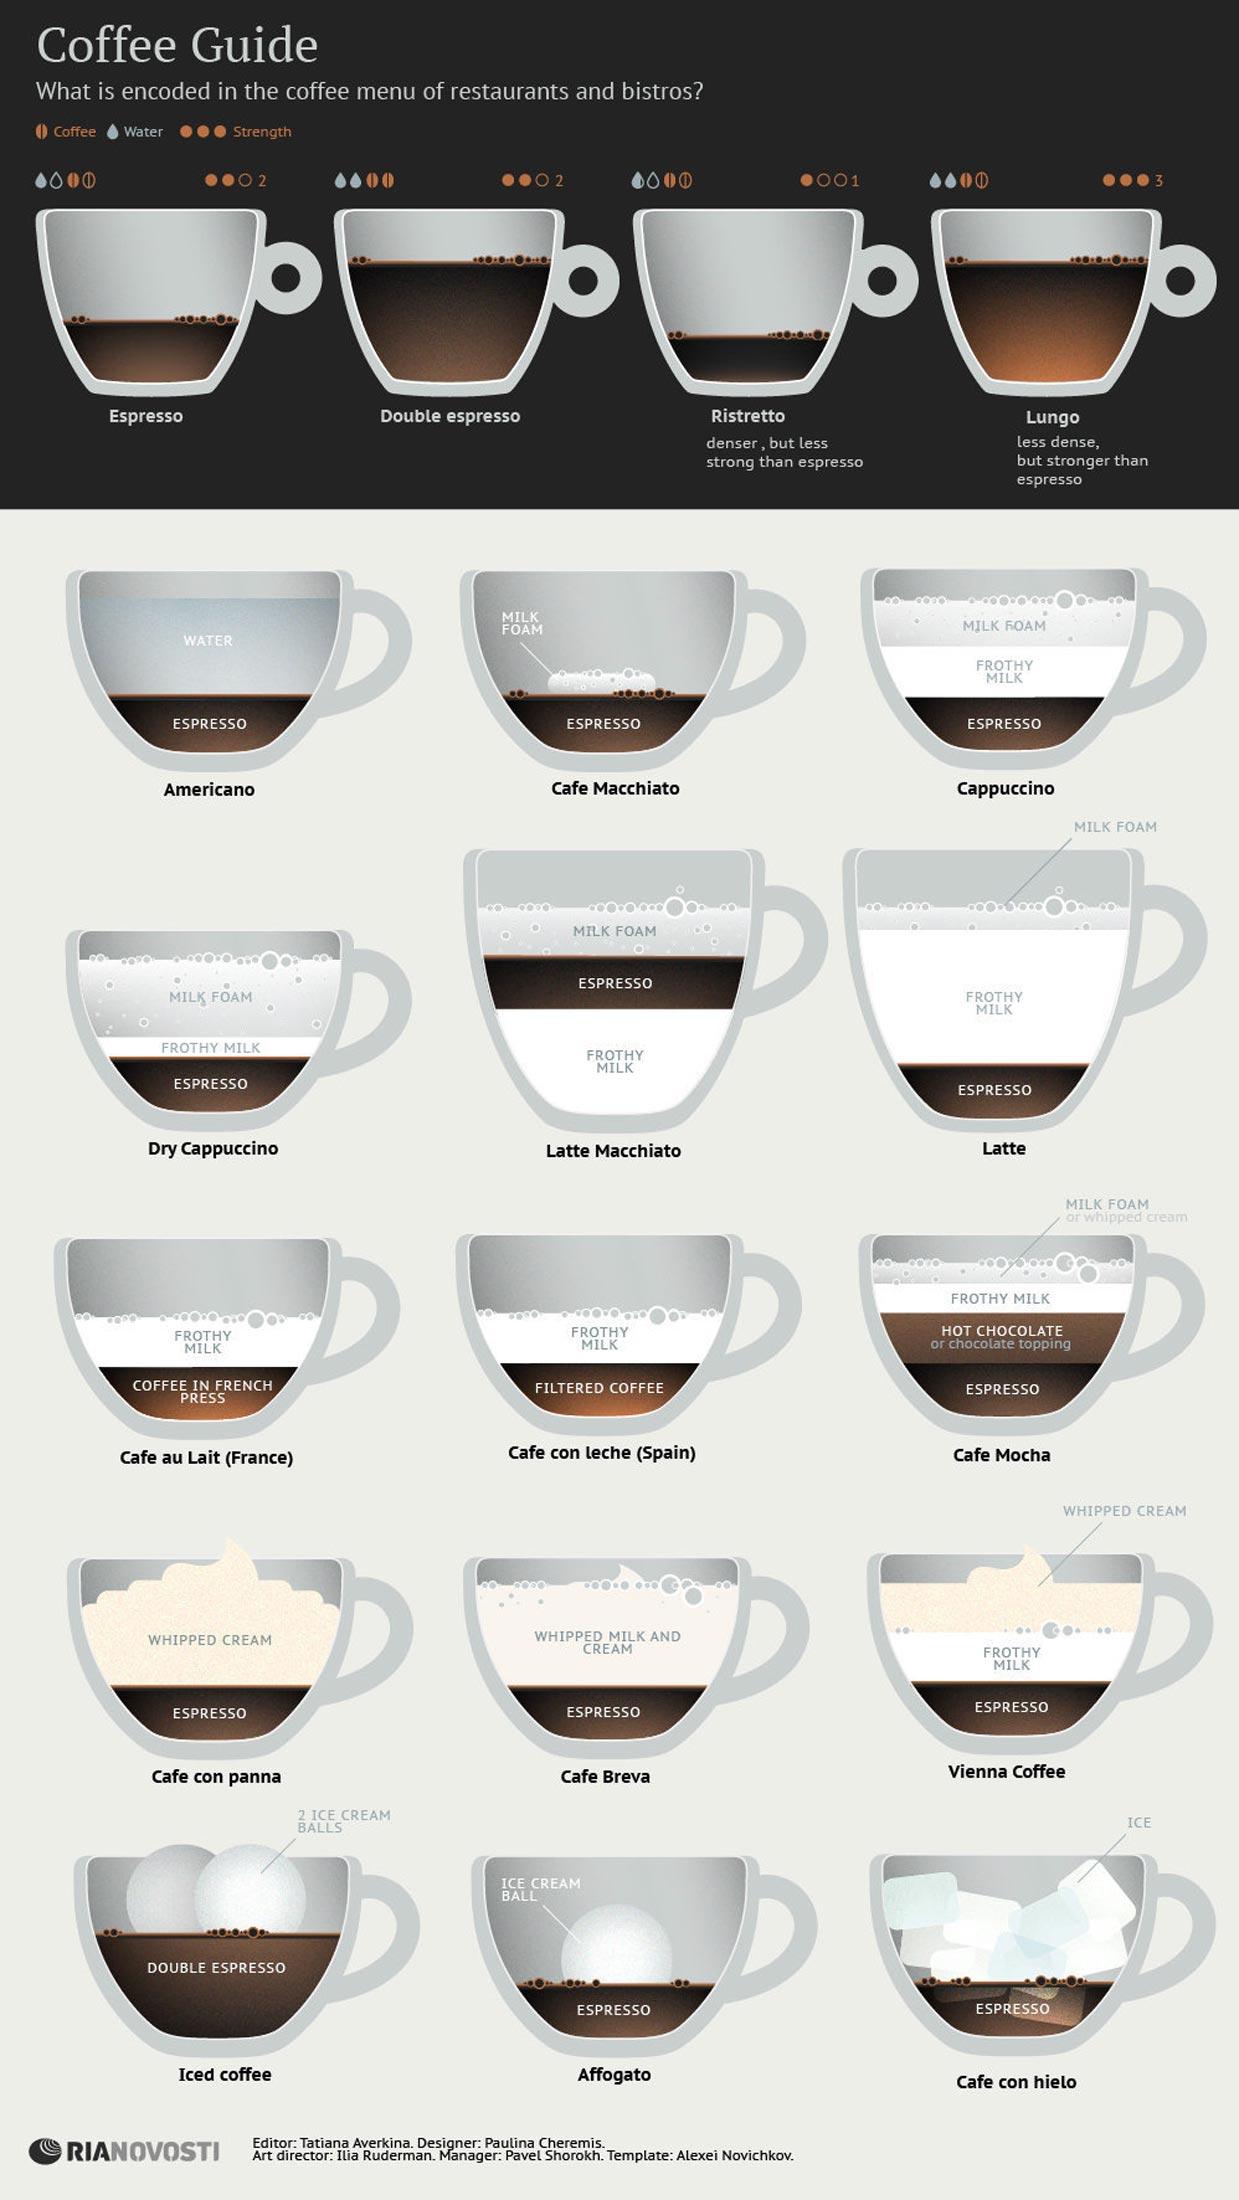 cocktail gl ser vergleich und bersicht verschiedener kaffee arten mit infografik. Black Bedroom Furniture Sets. Home Design Ideas